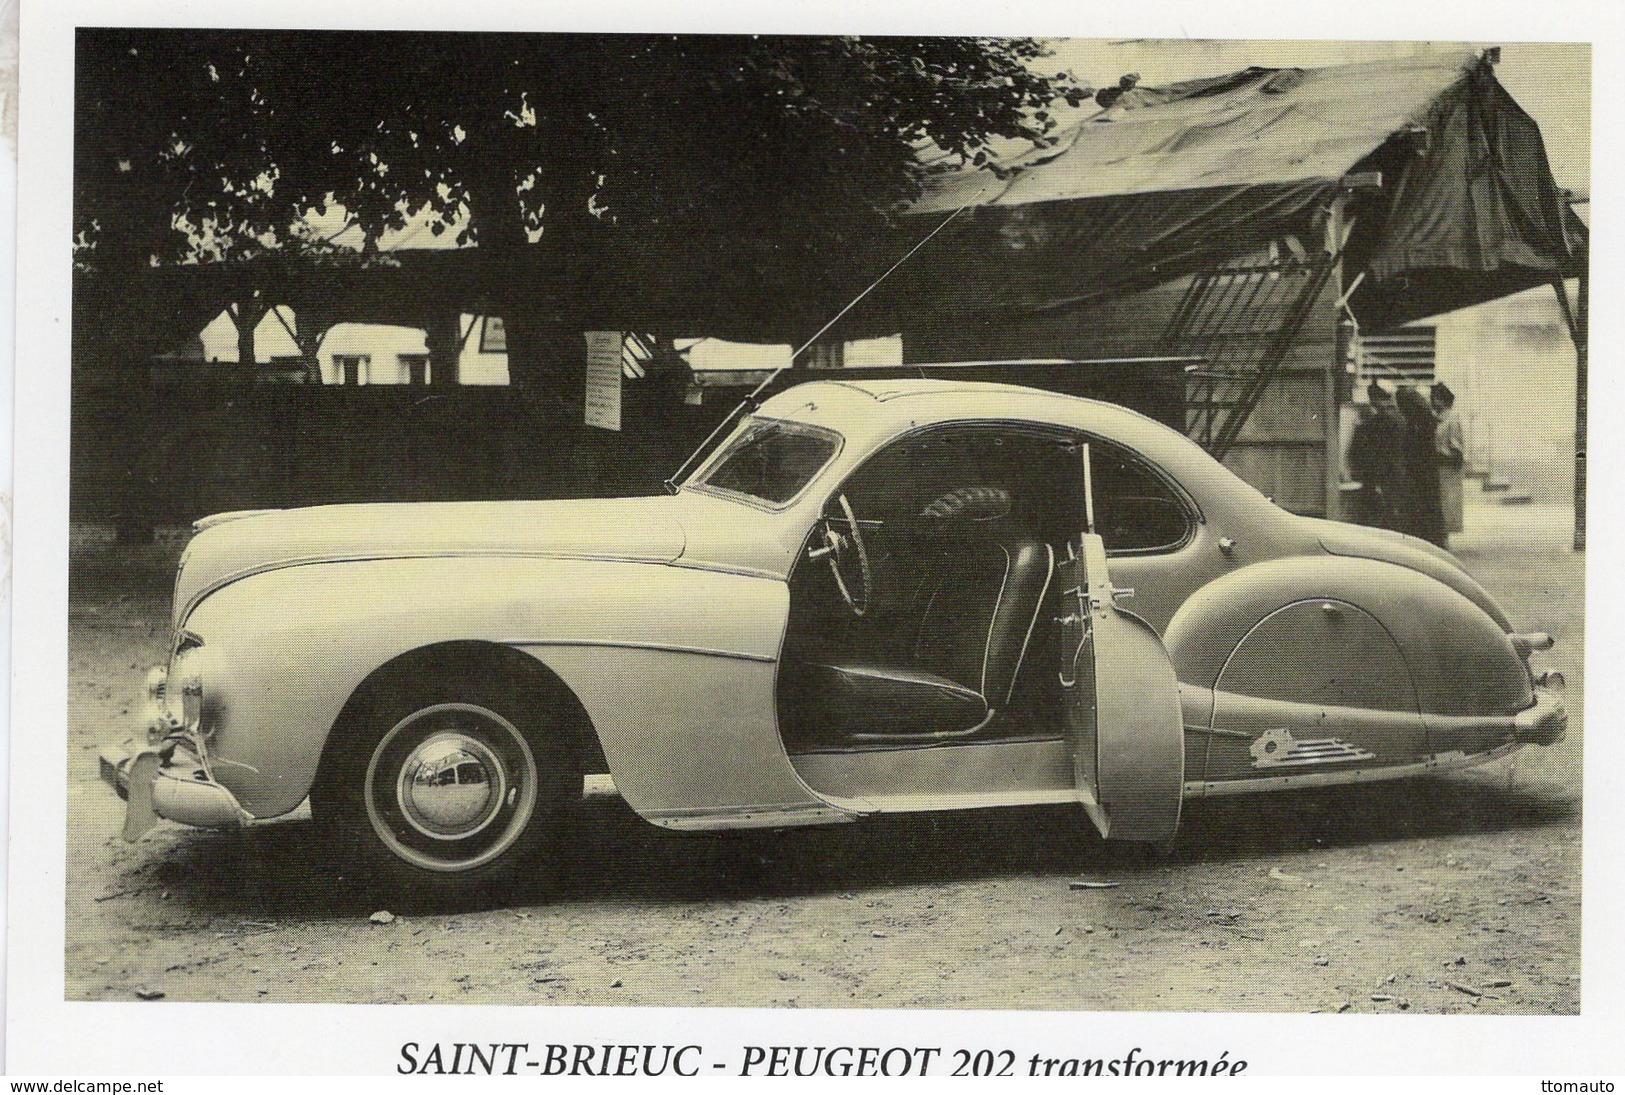 Peugeot 202  Coupe Transformée  -  Saint-Brieuc  - Carte Postale - Turismo